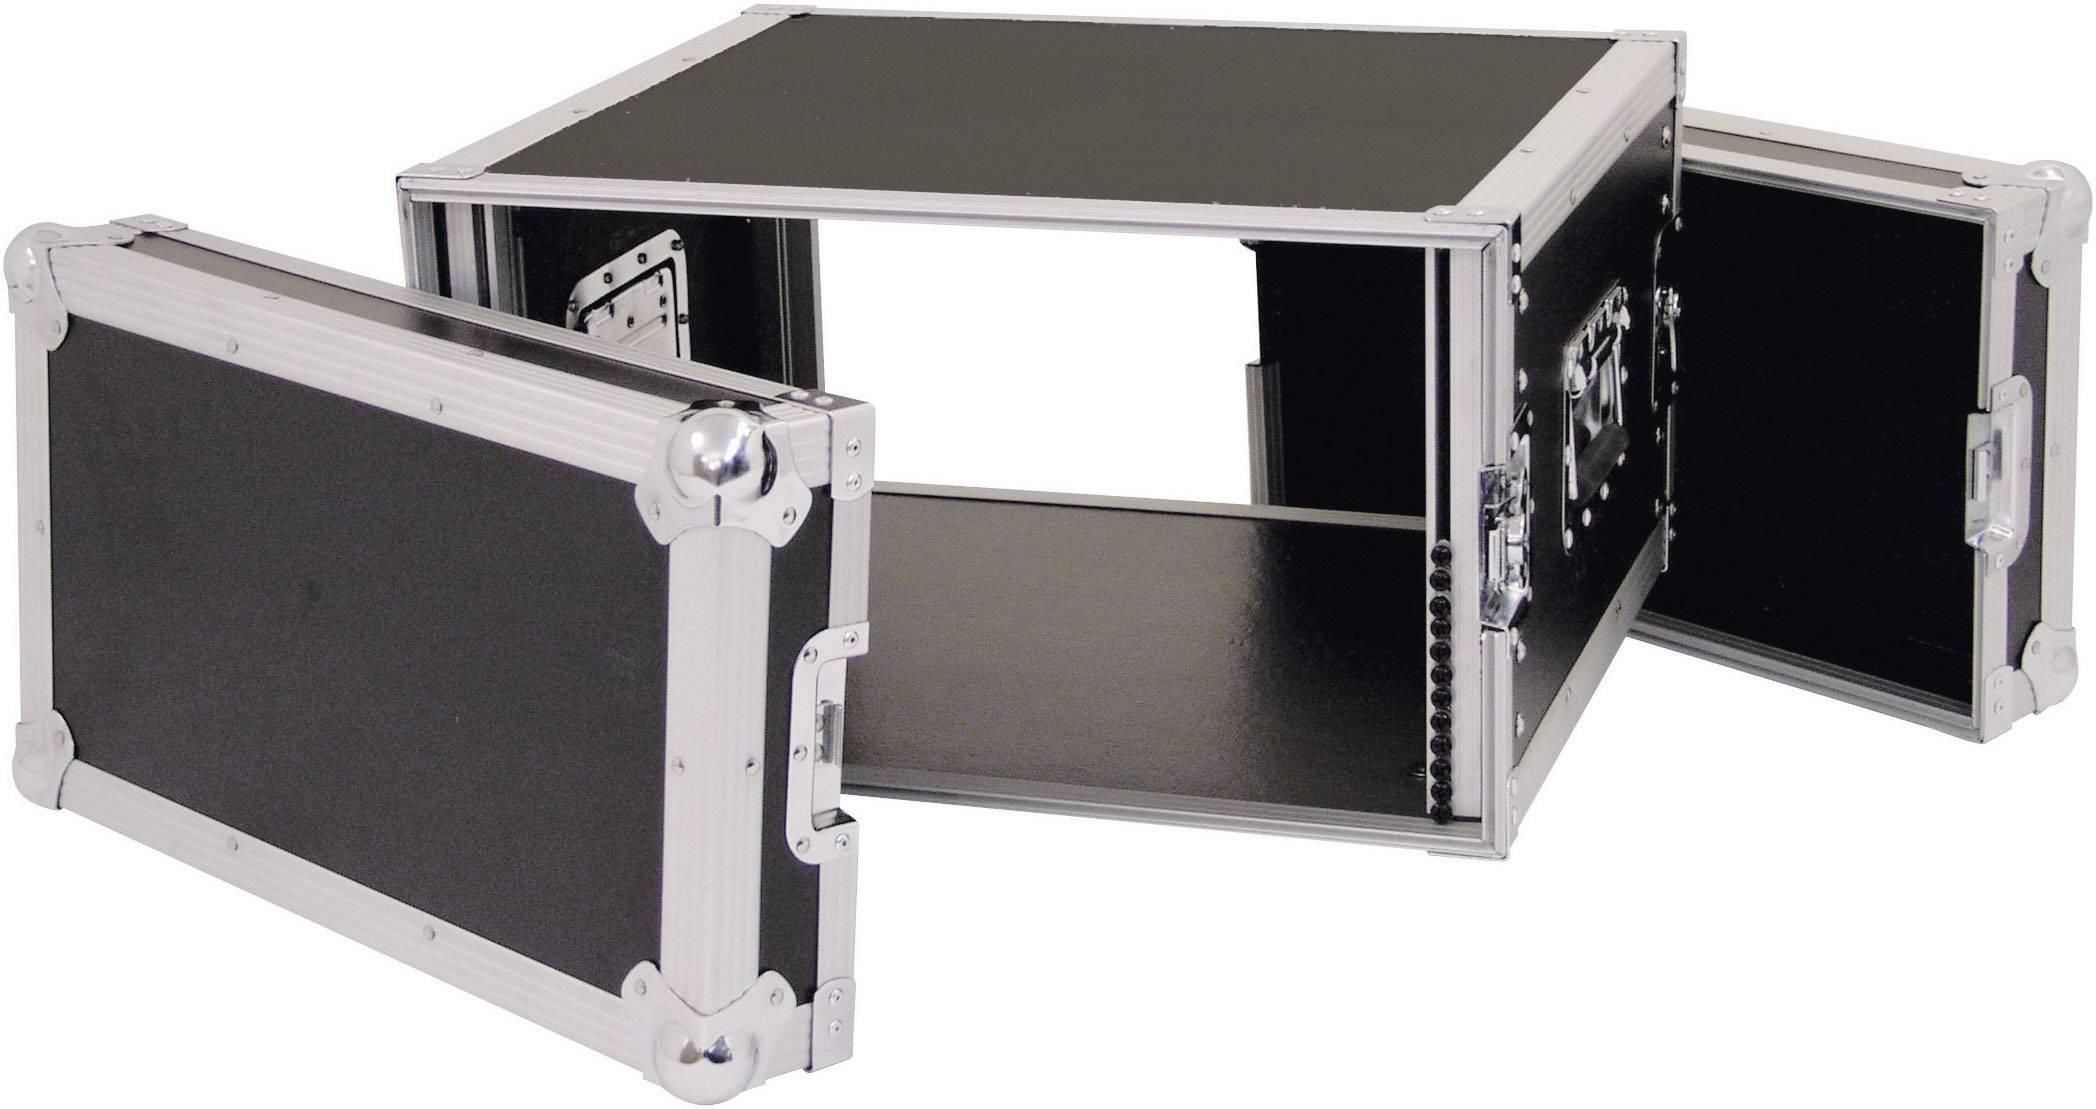 19-palcový rack na zosilňovače 30109786 360007, 6 U, drevo